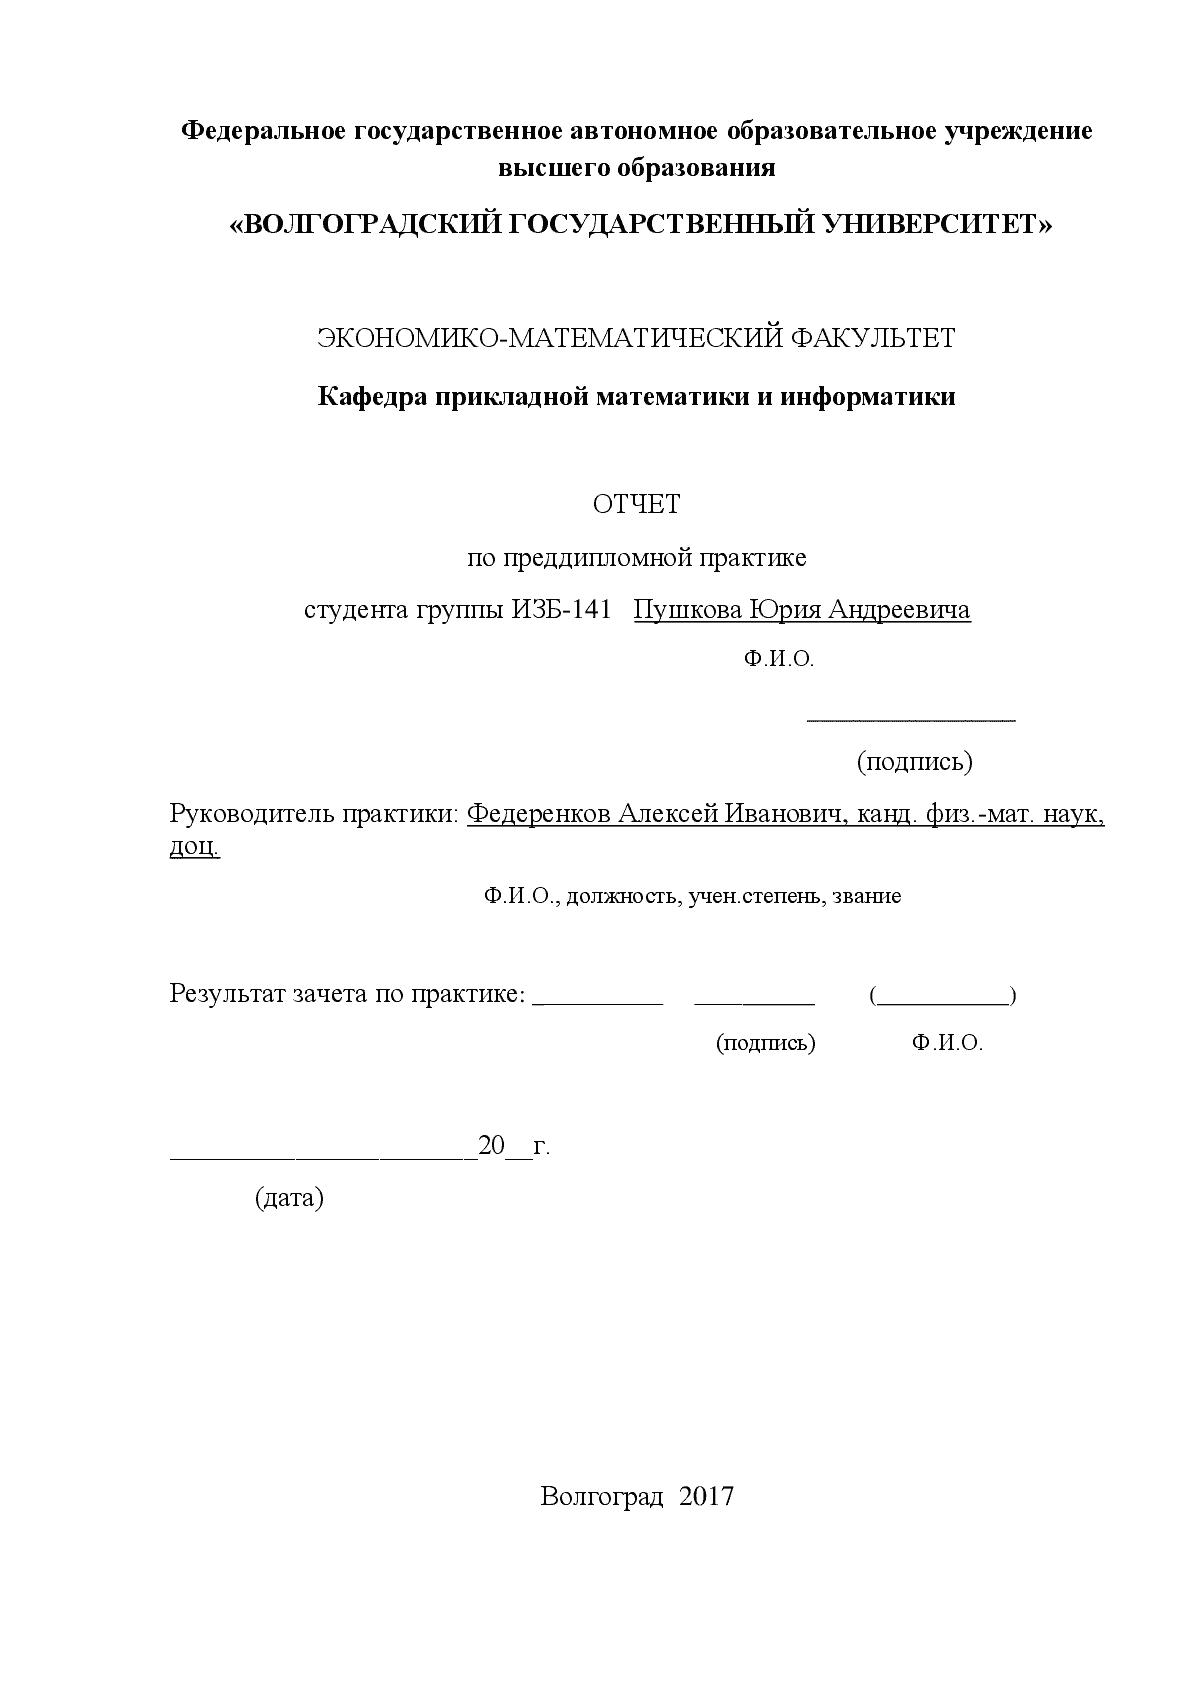 Отчет по практике курьерская служба 6329